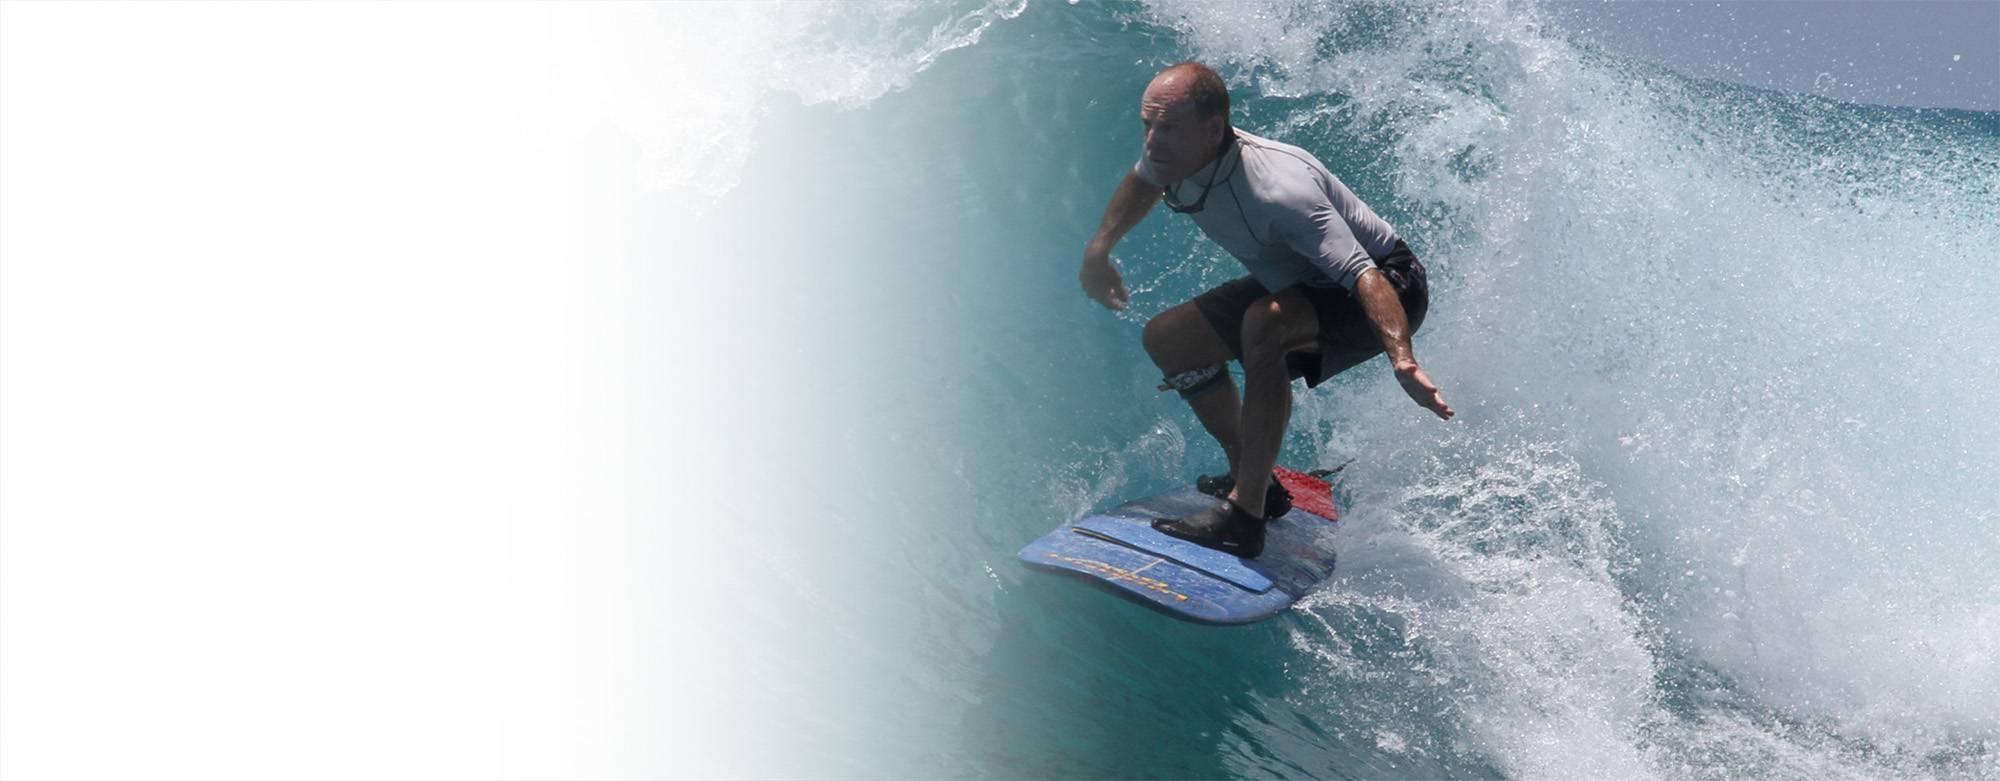 Neil Bradbury Surfing